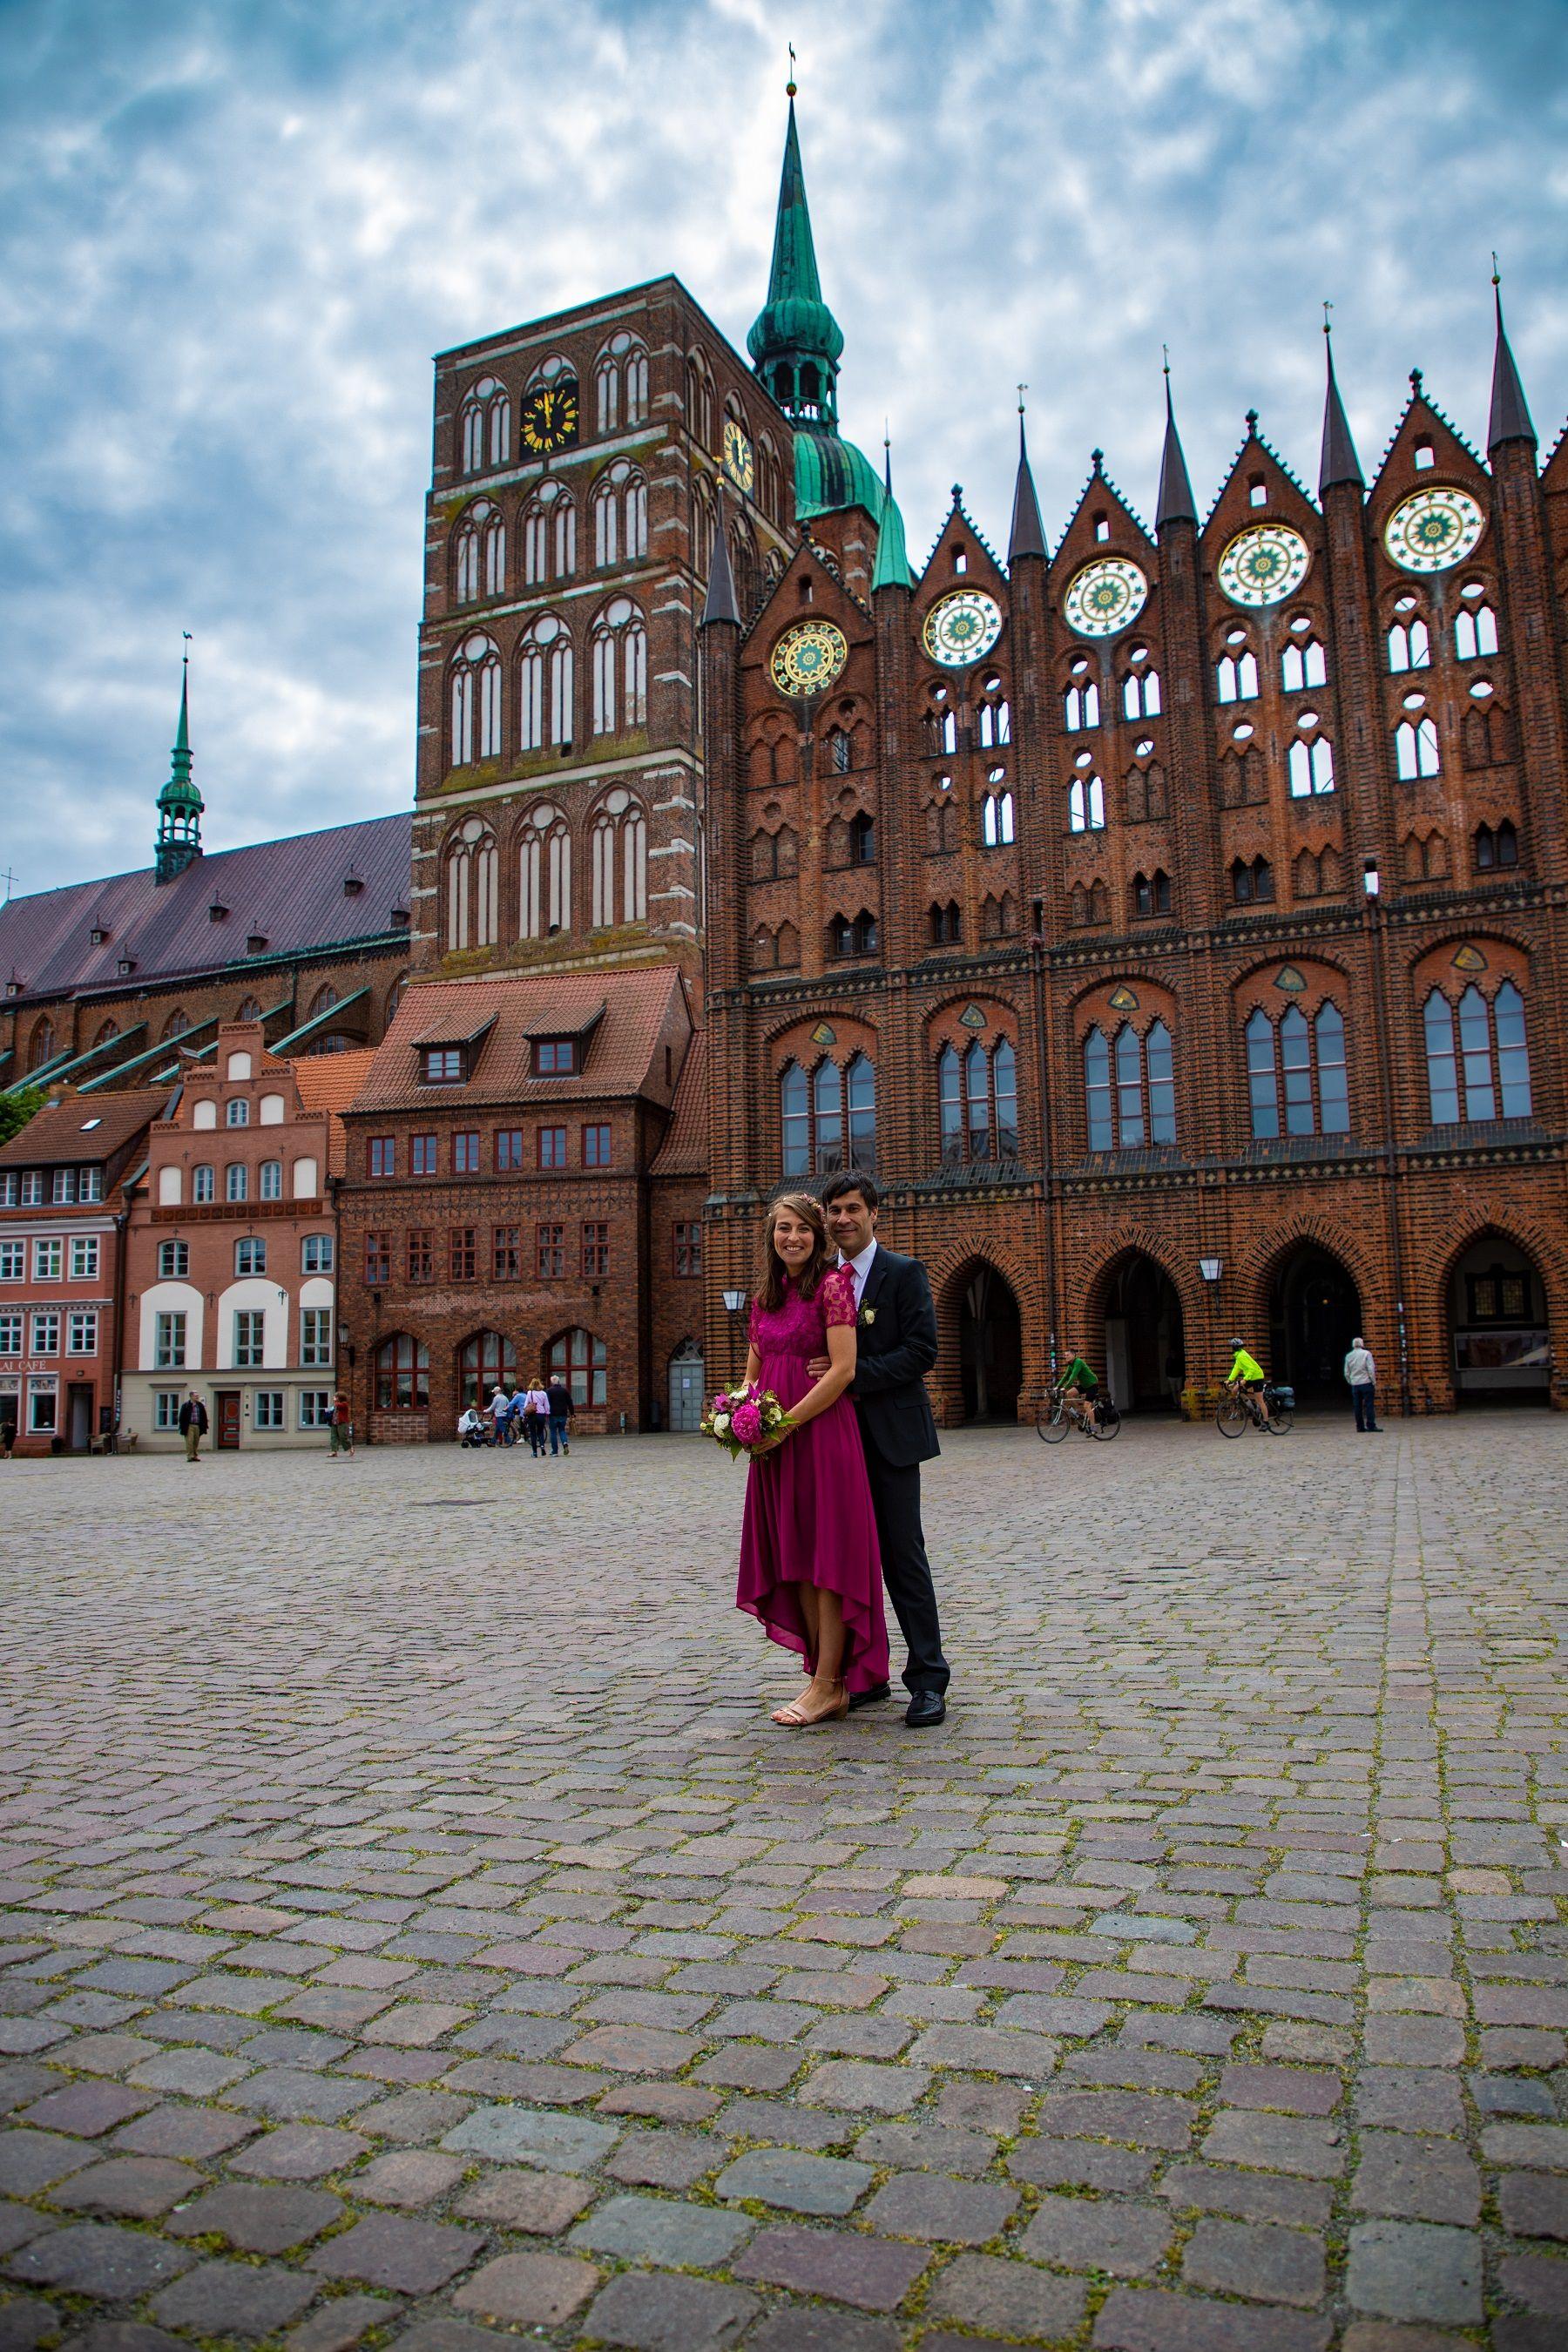 Heiraten In Stralsund Hochzeitsfotograf Gesucht Hochzeitsfotograf Stralsund Gunstiger Fotogra In 2020 Fotograf Hochzeit Hochzeitsfotograf Romantische Hochzeitsfotos